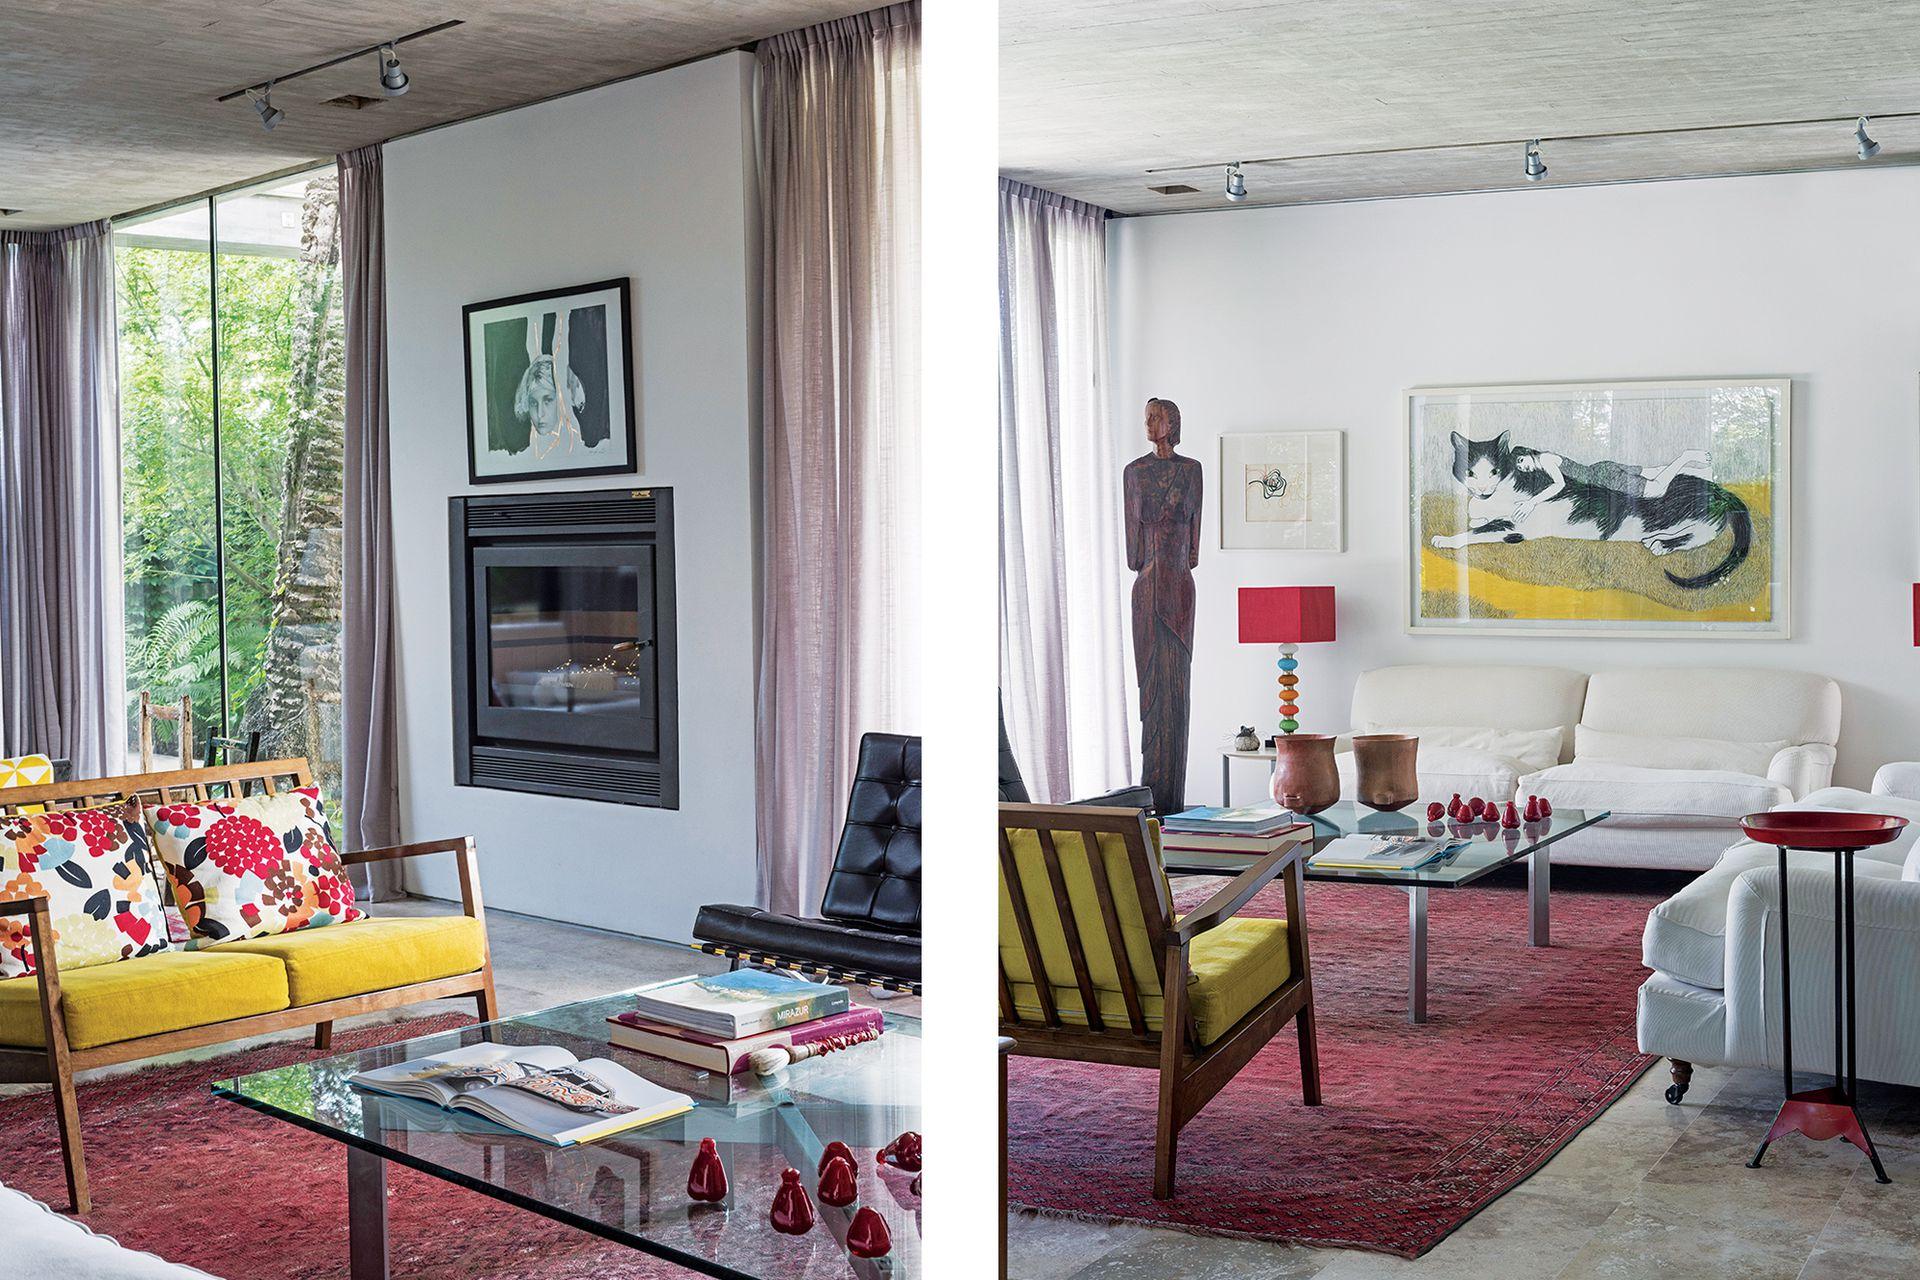 En un segundo living de mayor tamaño, alfombra en tonos rojizos (Facundo Lhez) y banco mid century (Vassily). Cuadro del gato (Viviana Blanco) sobre el sillón 'Raffles' (Gris Dimensión) y mesa ratona de vidrio (Bacano).